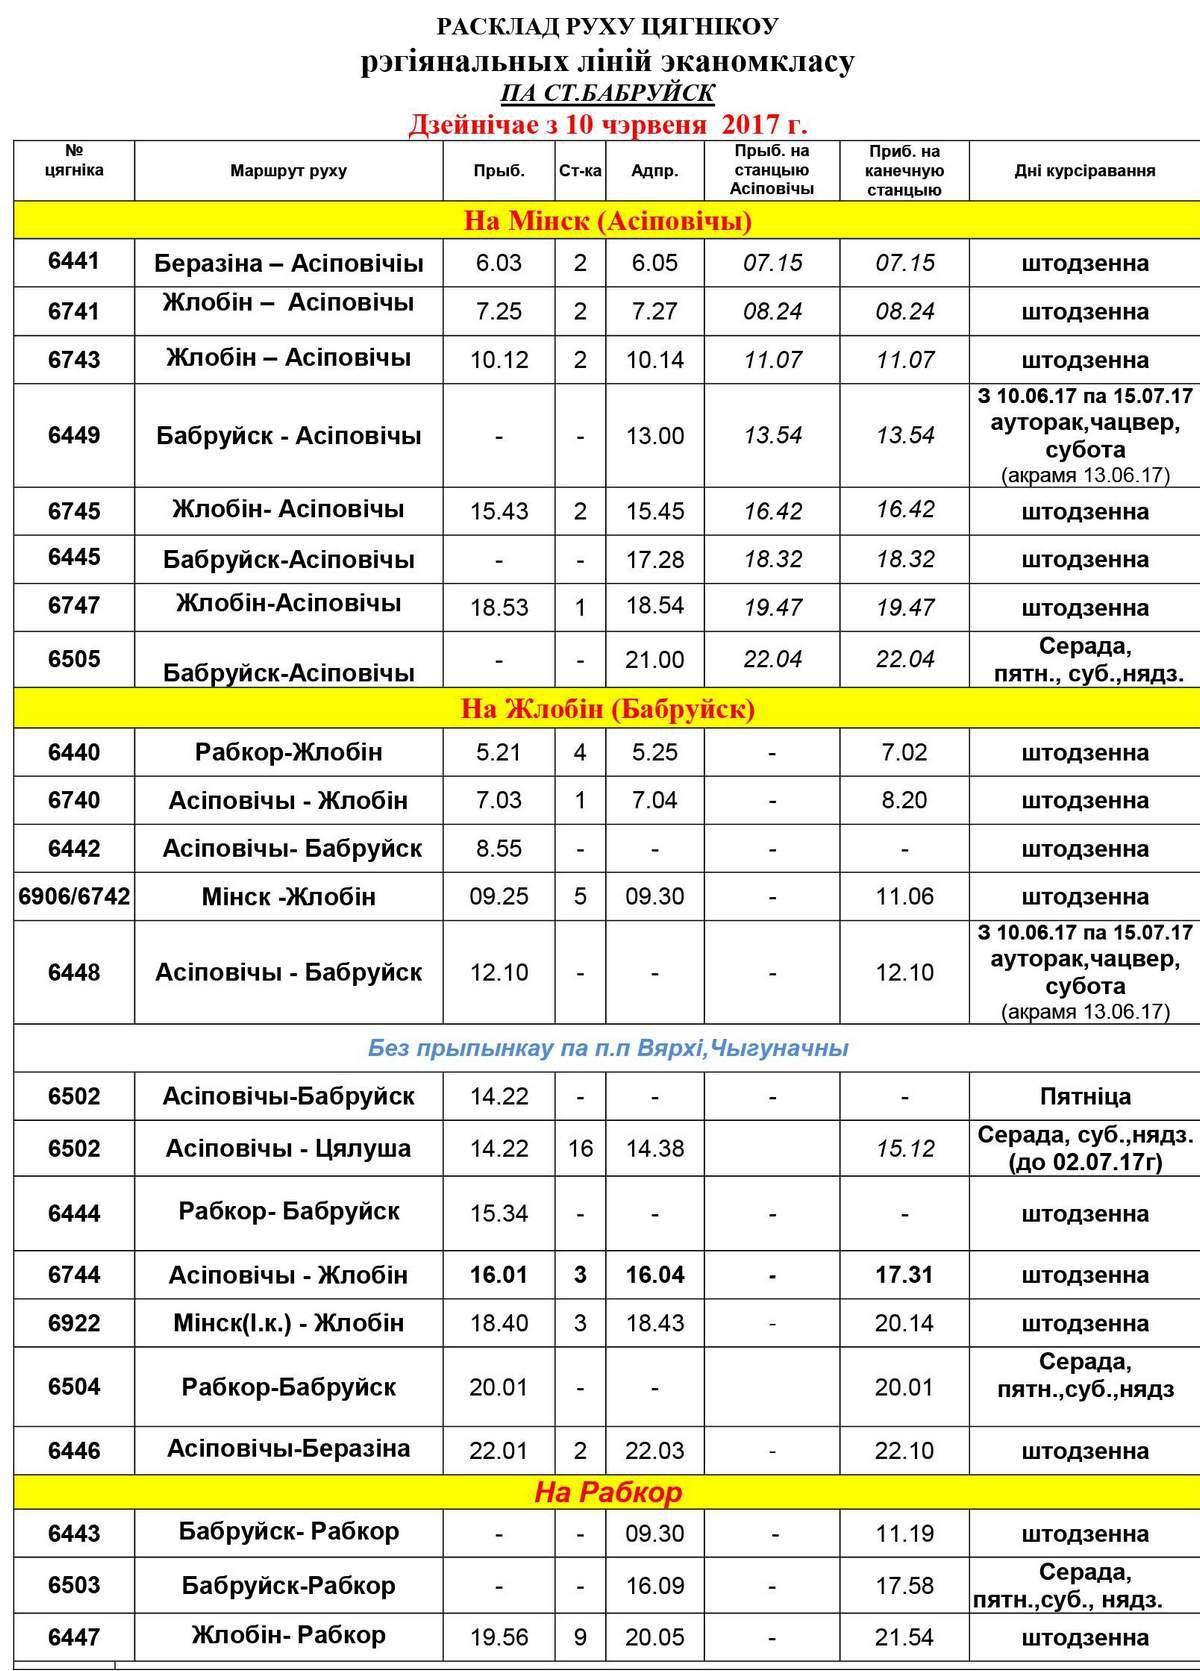 Расписание движения поездов с 10 июня